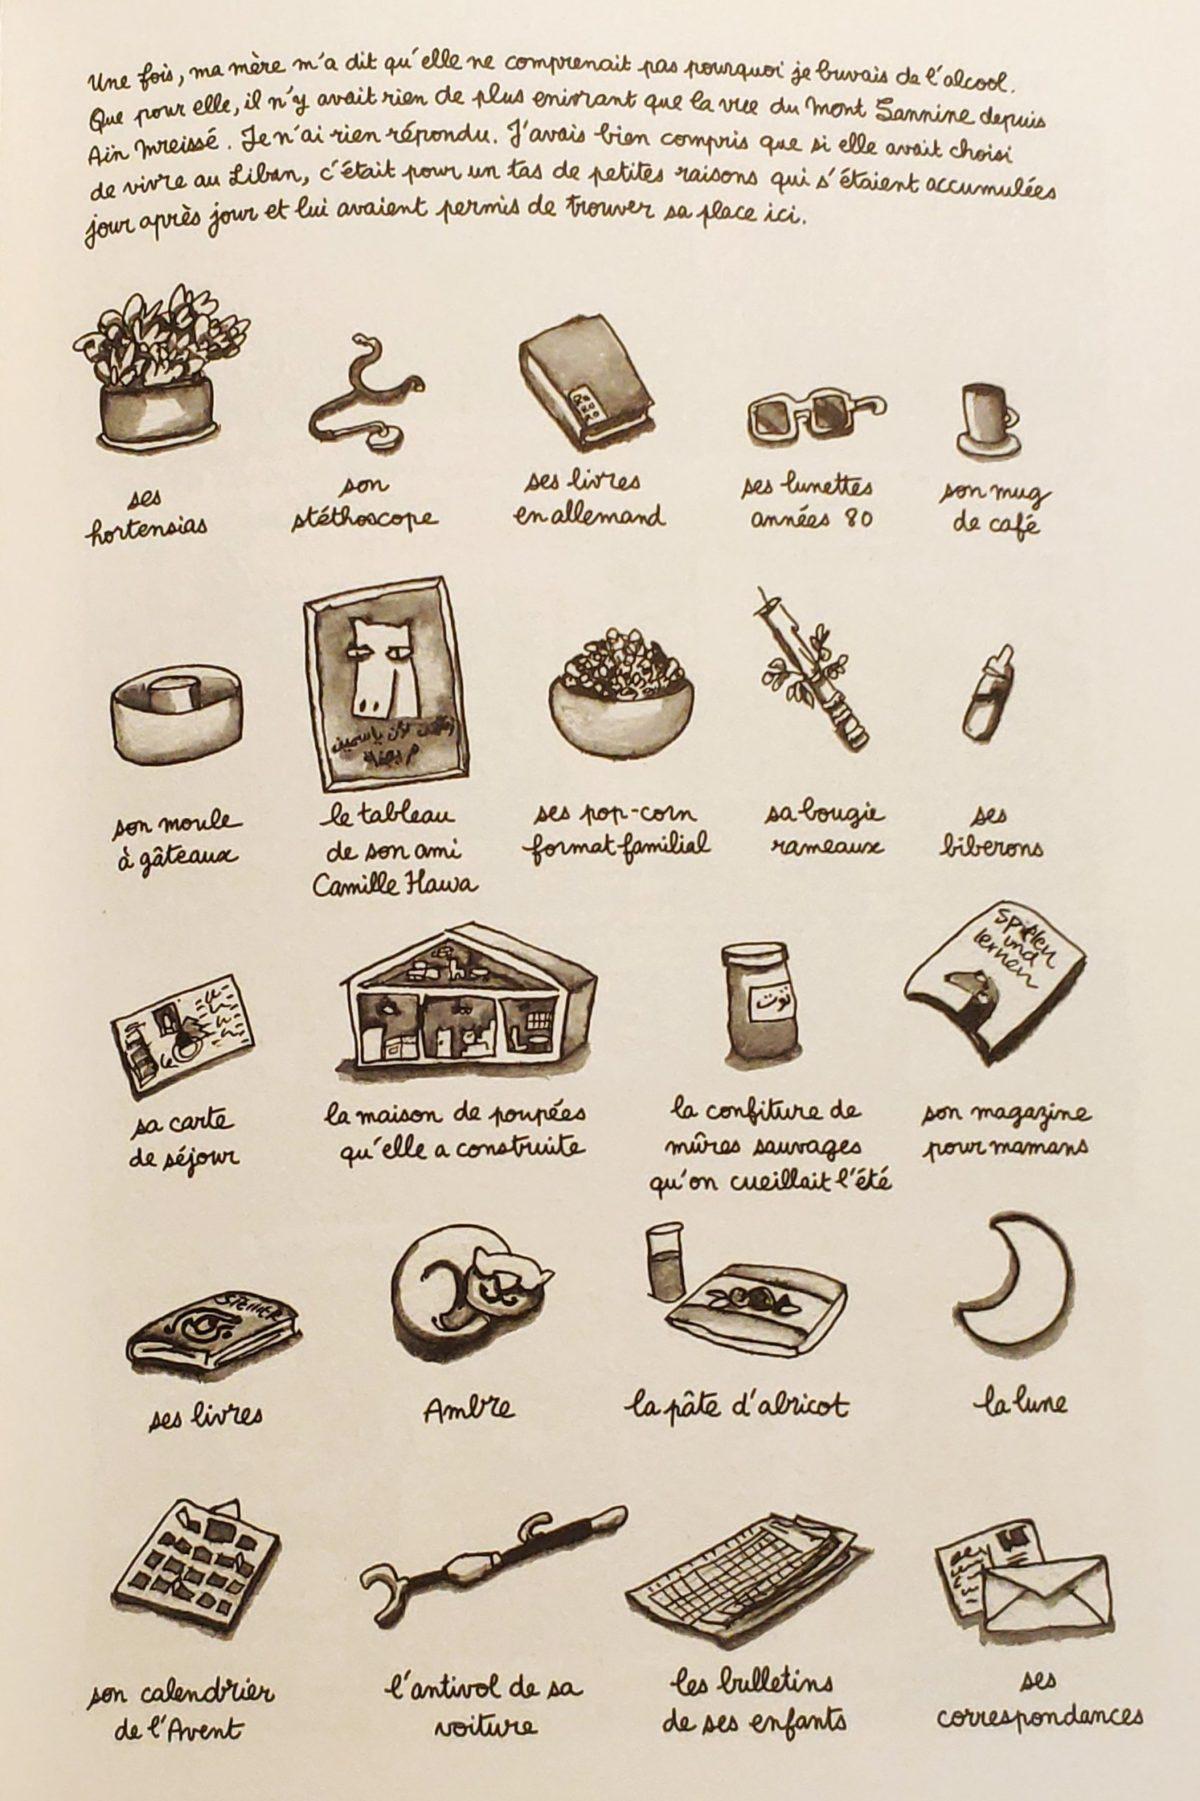 Mio caro fumetto… – Laban et confiture - Le piccole cose quotidiane e la scelta di vivere in Libano